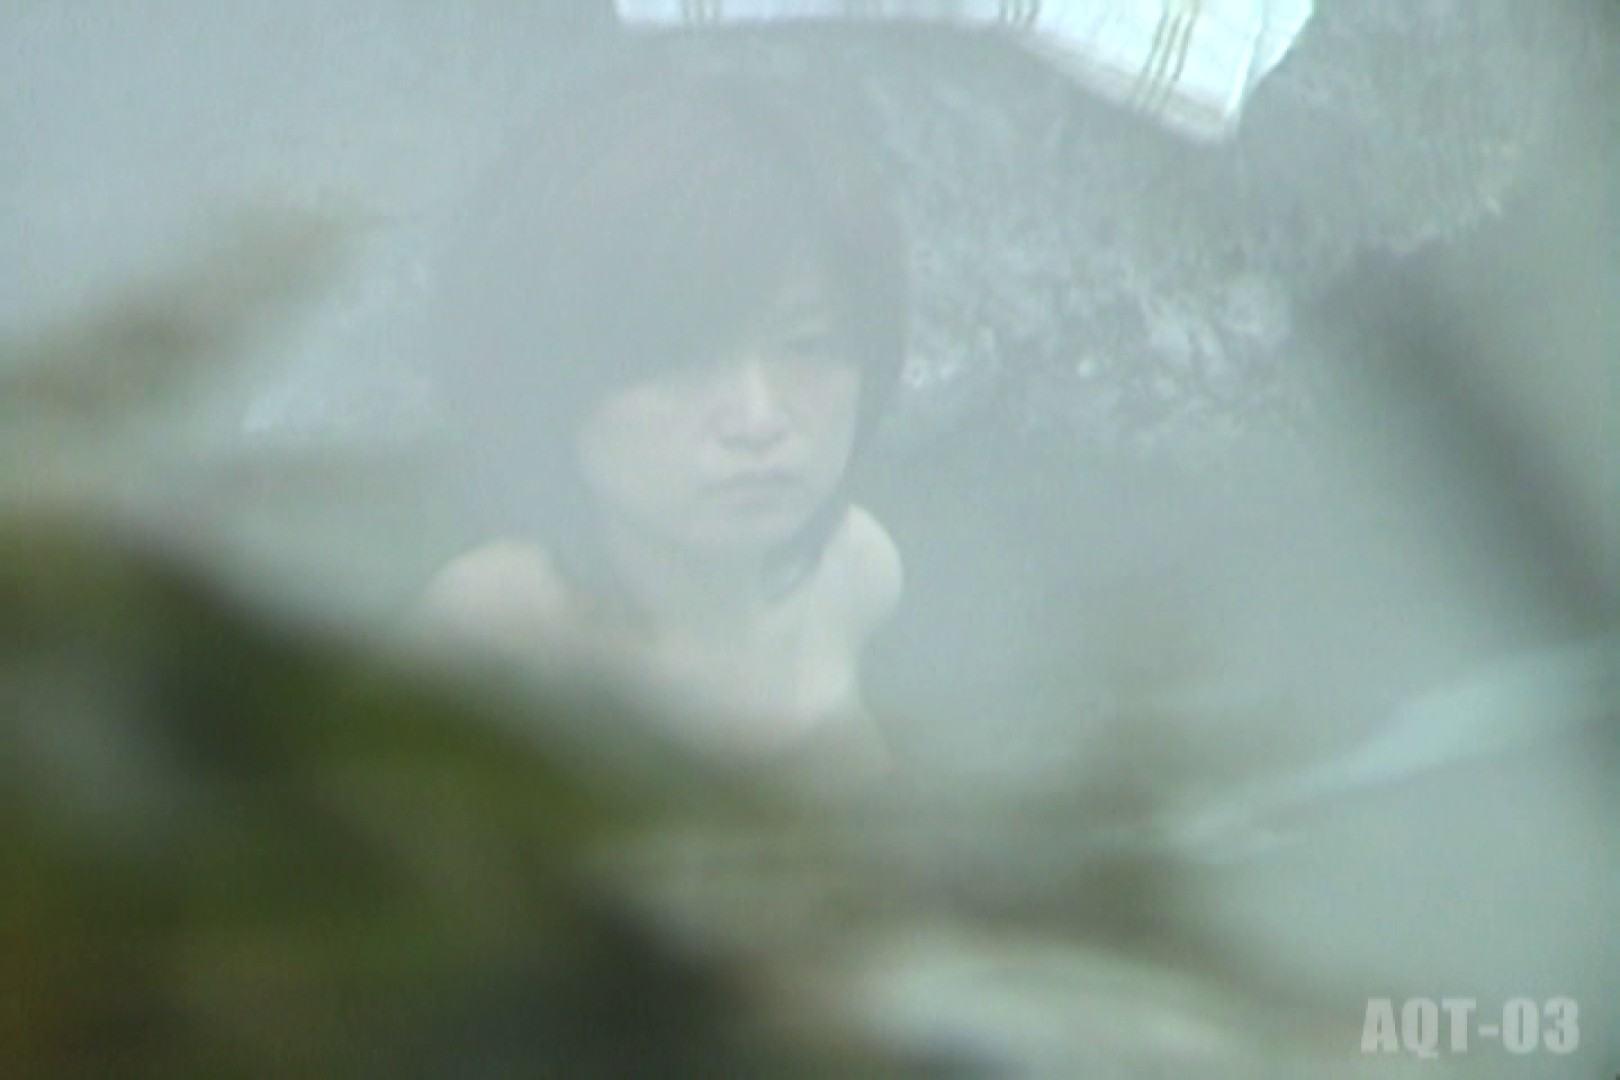 Aquaな露天風呂Vol.731 盗撮師作品 | 美しいOLの裸体  91pic 34